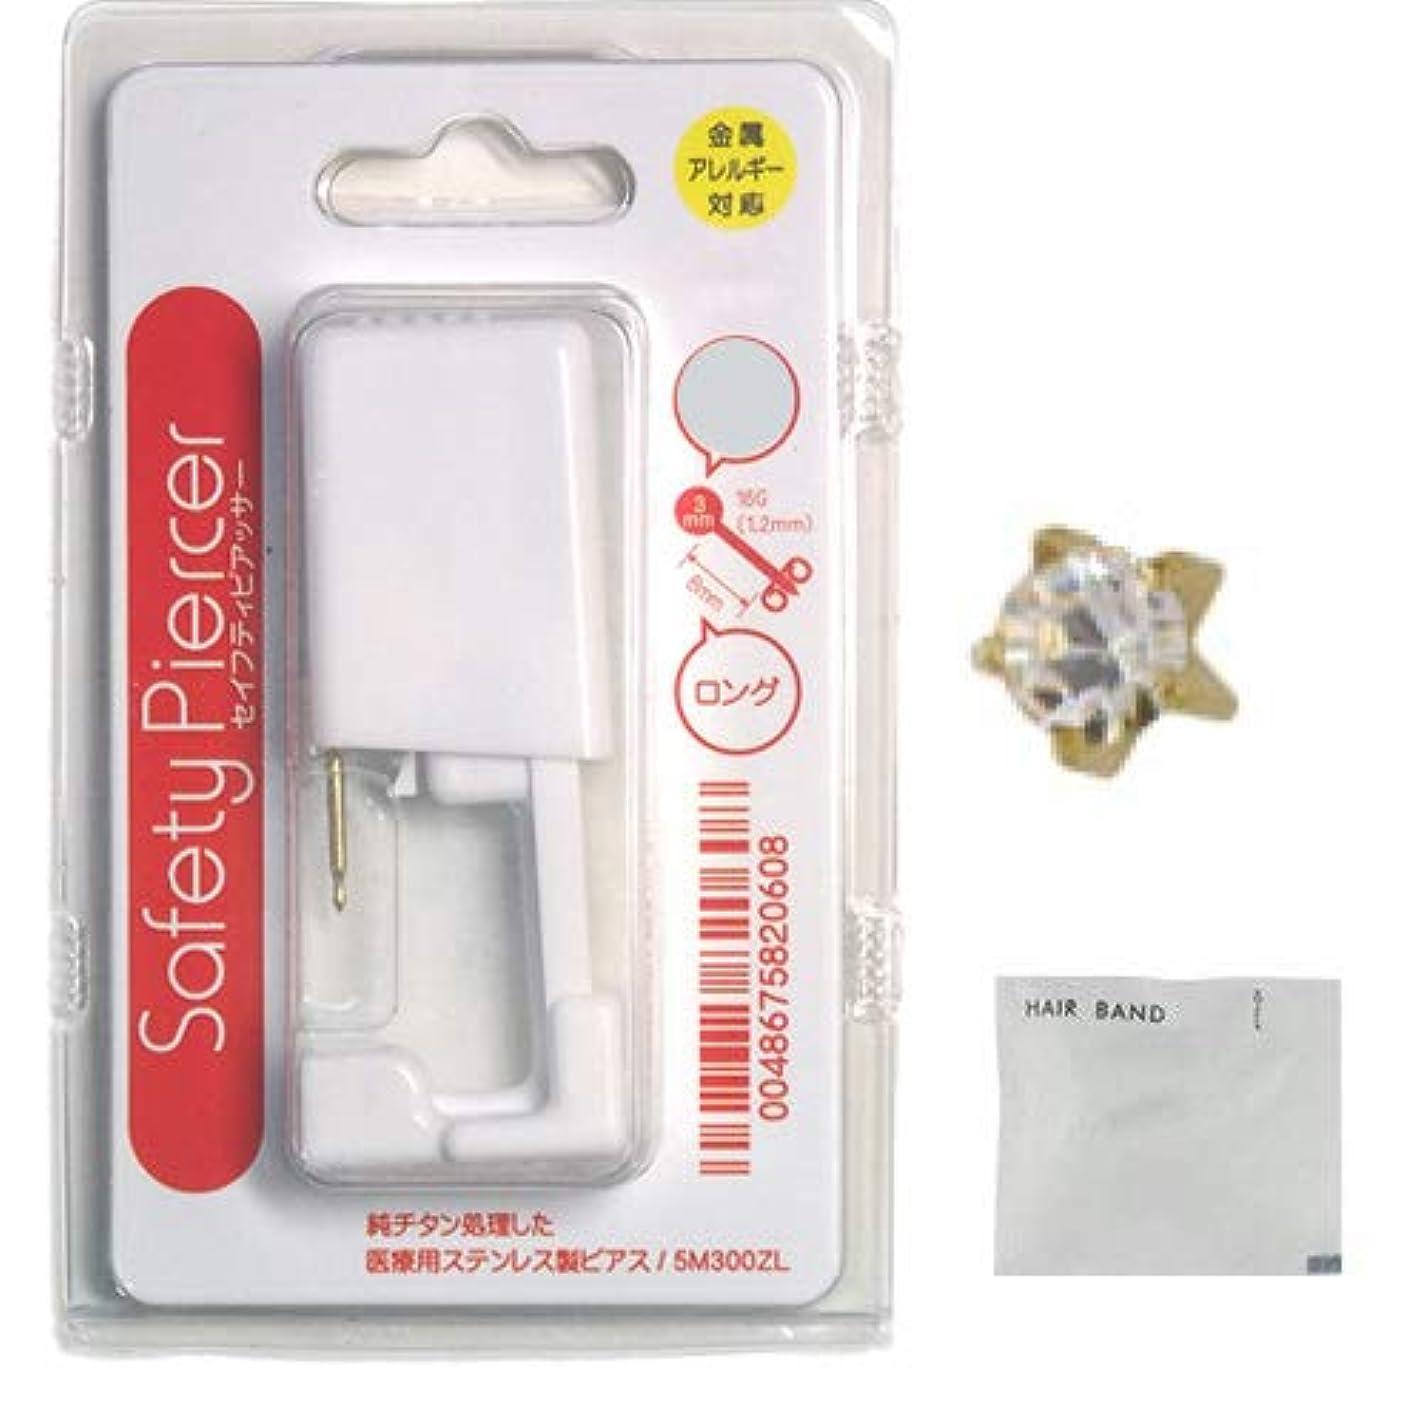 シングル割り当てます磁器セイフティピアッサー シャンパンゴールド チタンロングタイプ(片耳用) 5M104WL 4月ダイヤモンド+ ヘアゴム(カラーはおまかせ)セット